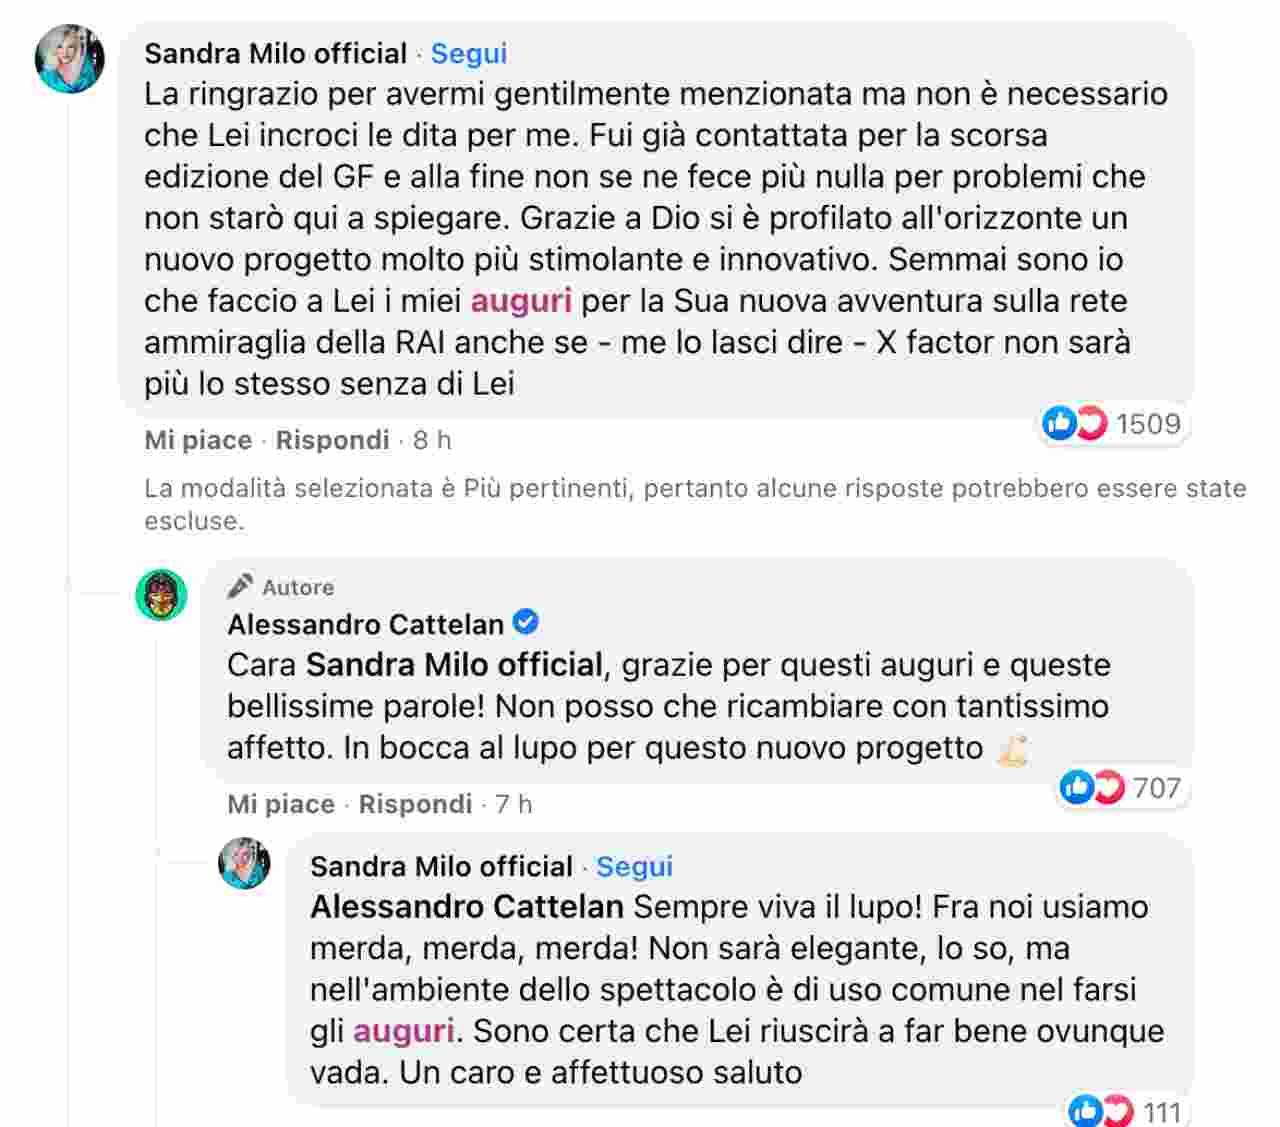 Il botta e risposta di Sandra Milo e Alessandro Cattelan su Facebook.